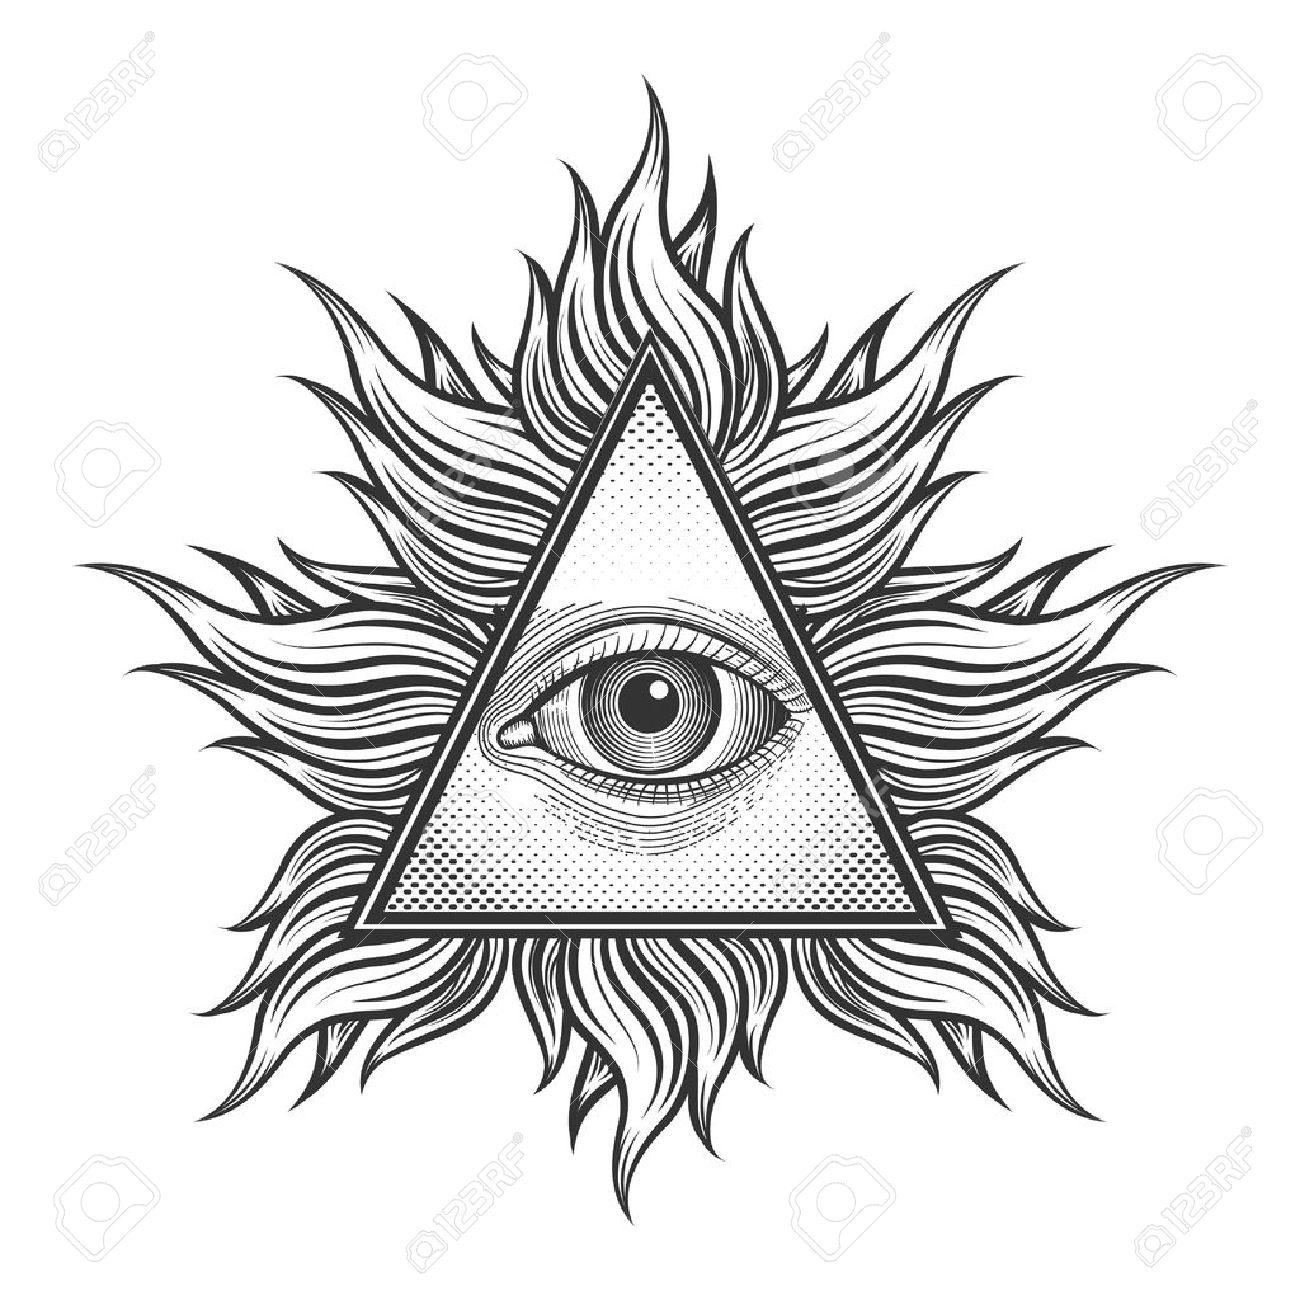 Todo Viendo Simbolo De La Piramide Del Ojo En El Estilo Del Tatuaje